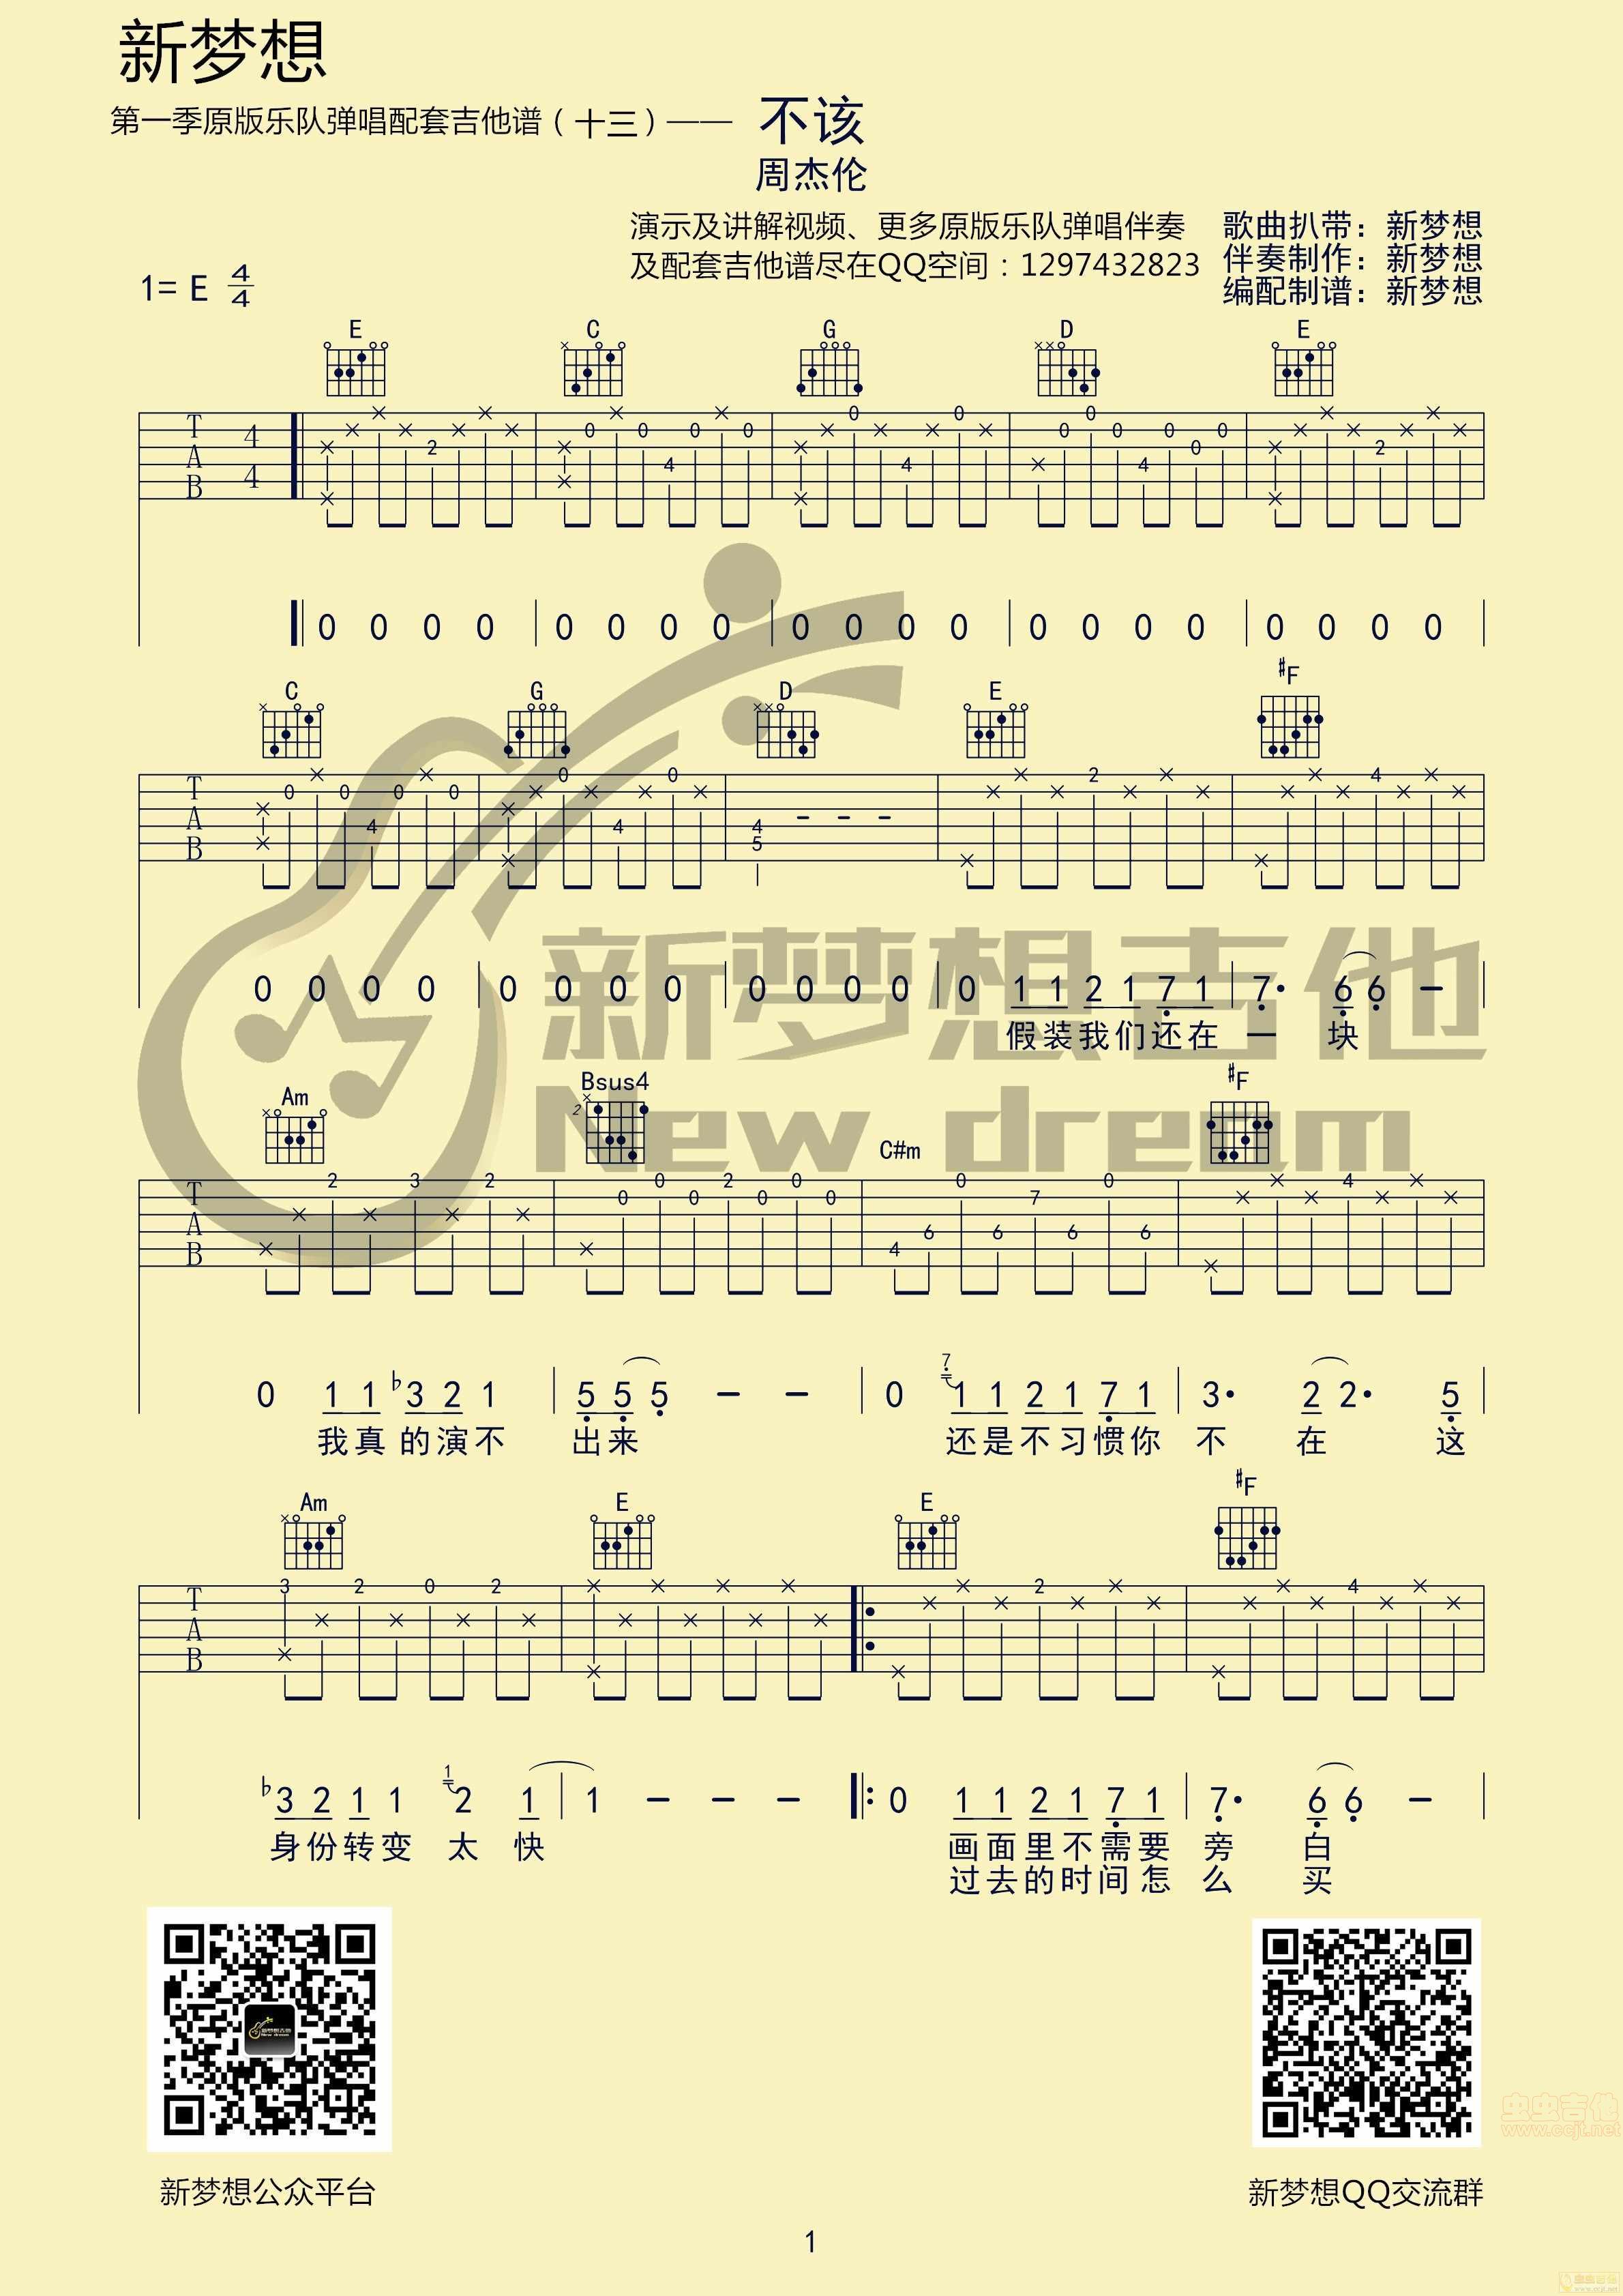 周杰伦《不该》c调六线吉他谱-虫虫吉他谱免费下载图片